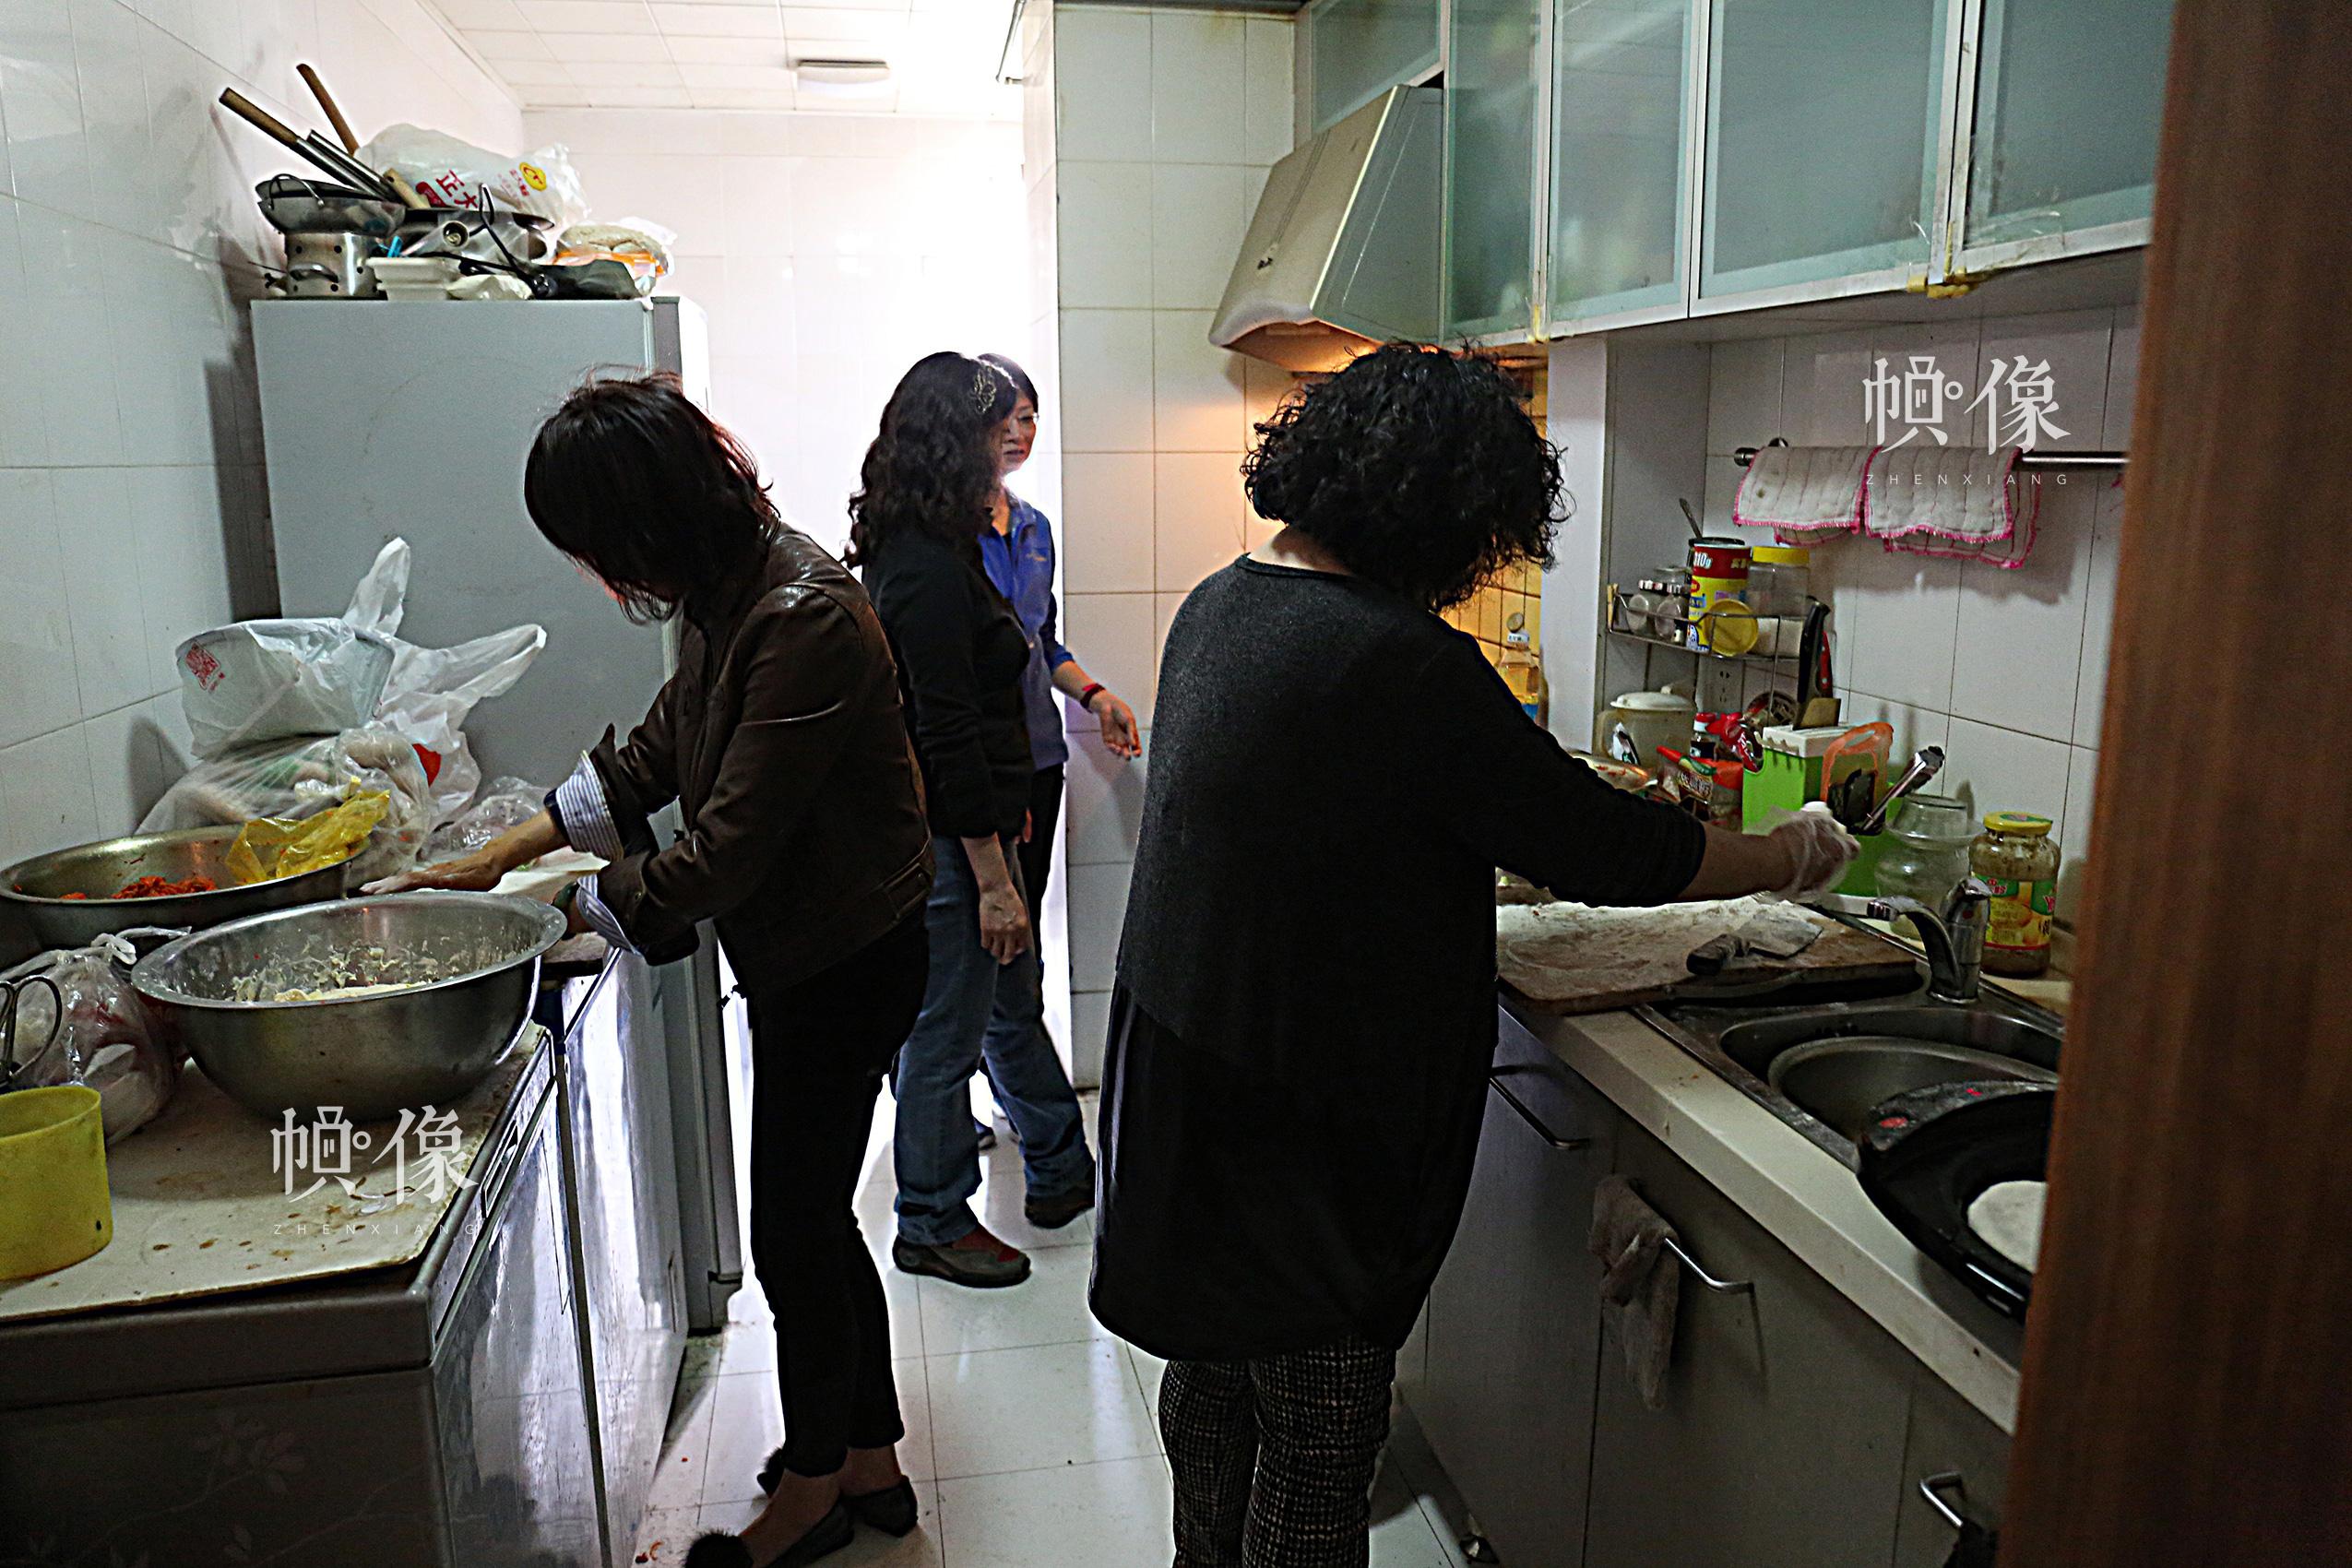 2017年4月9日,北京益童成长中心,十余位爱心人士自备物品来家里为孩子们做午餐。中国网记者 黄富友 摄